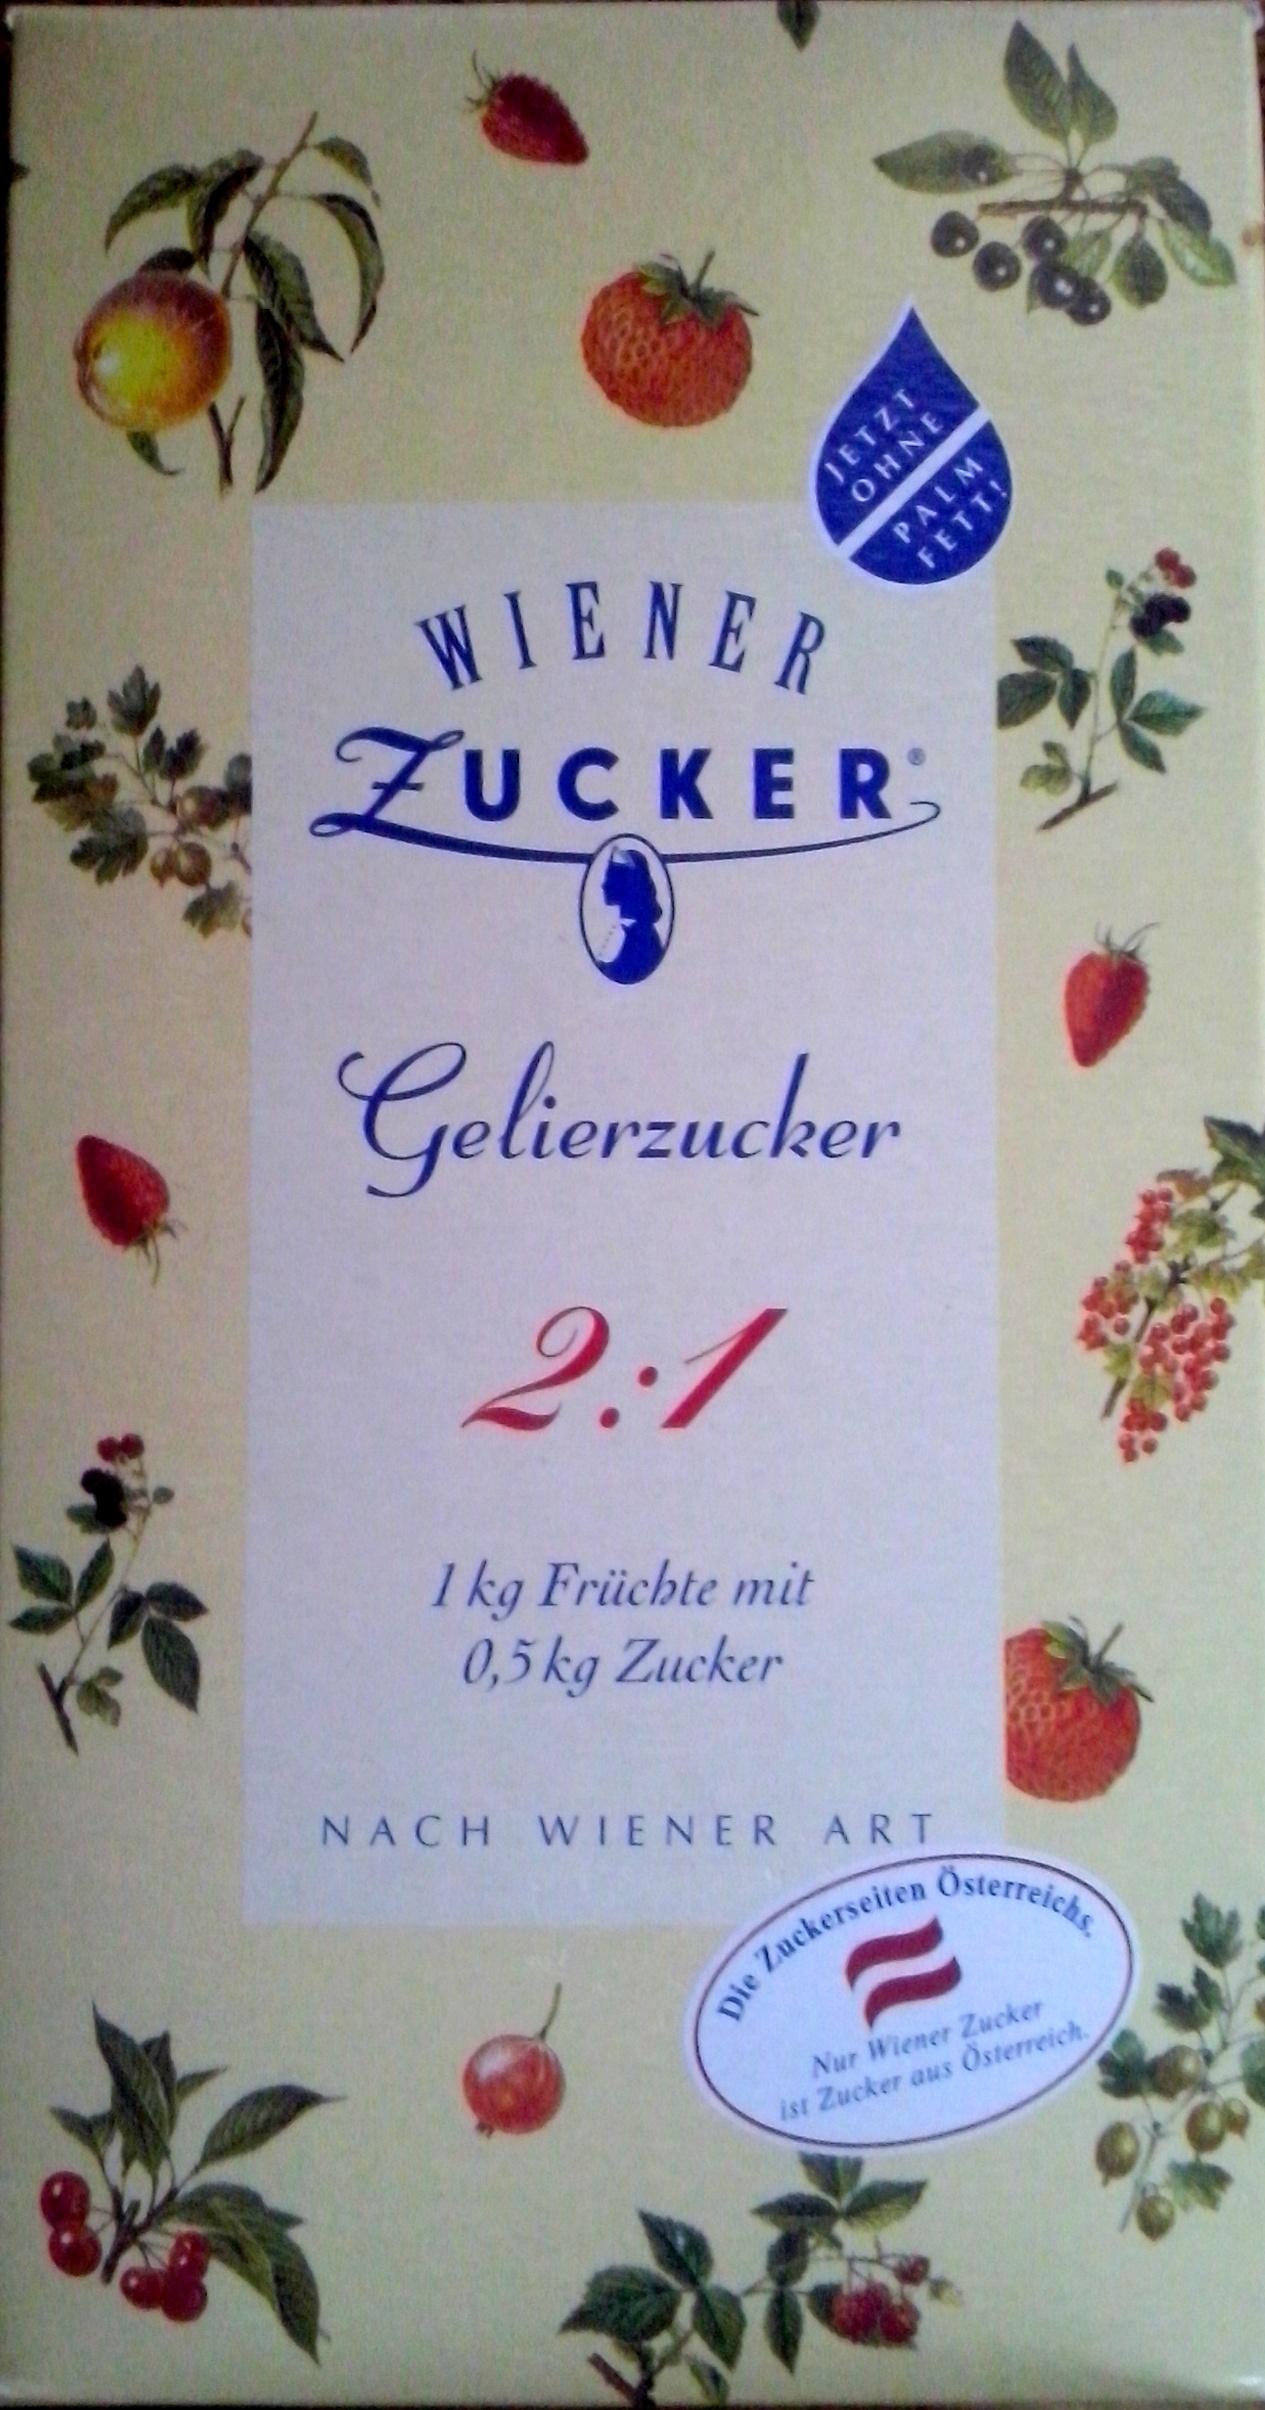 Wiener Zucker 1